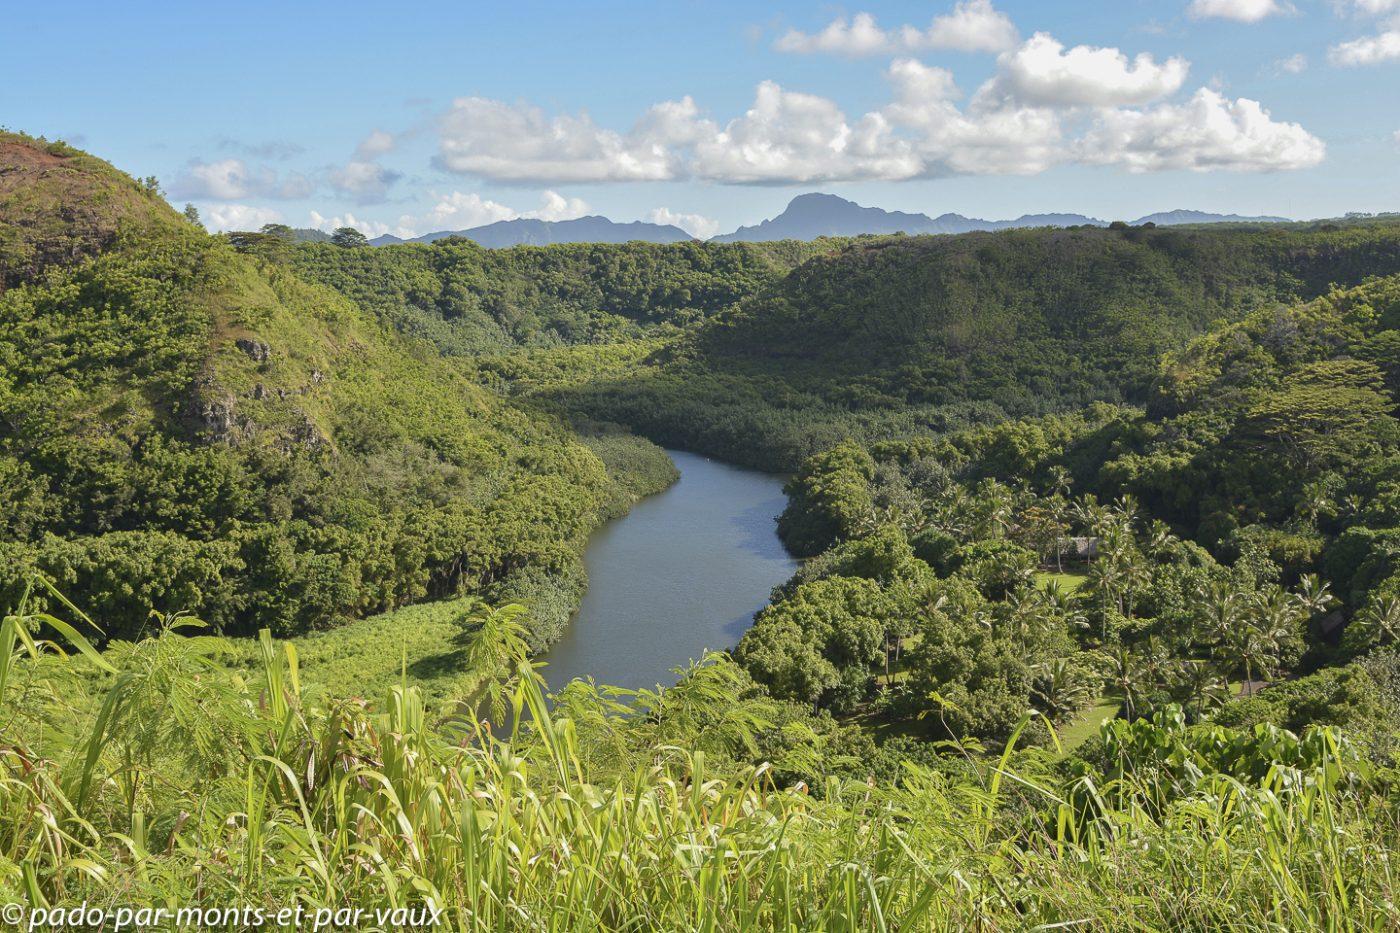 Kauai - Wailua river valley